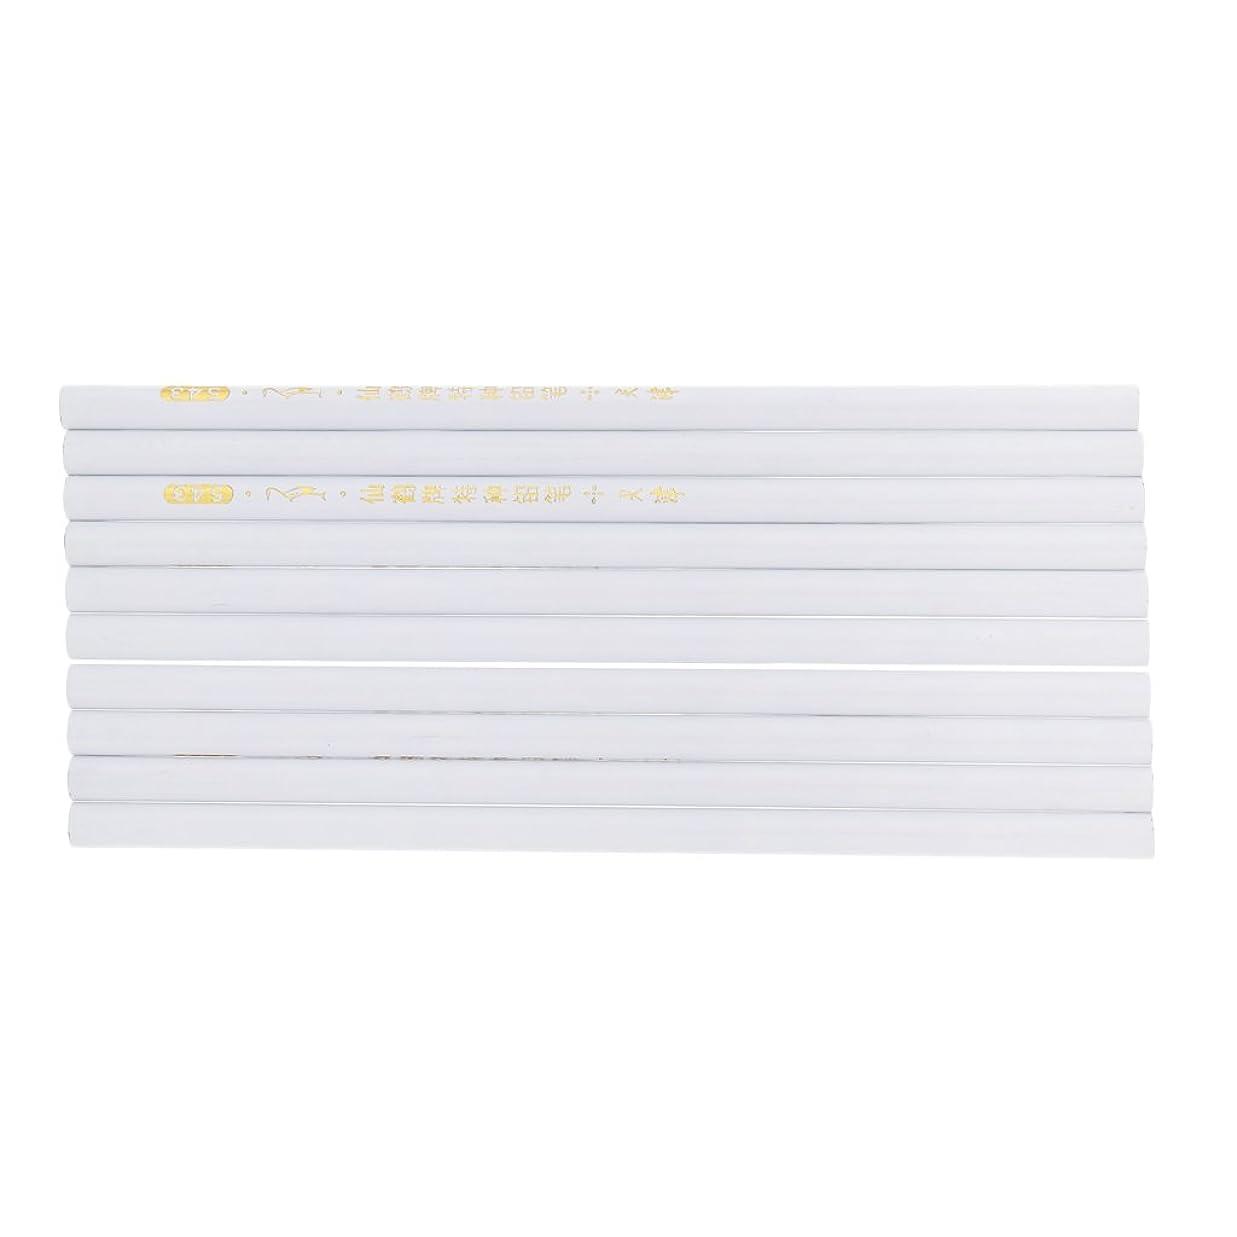 非常にポジティブ形Kesoto 10本 ラインストーンピックアップ鉛筆 ラインストーン クリスタルピックアップ 鉛筆 ネイルアート 接着ピッカーペンツール